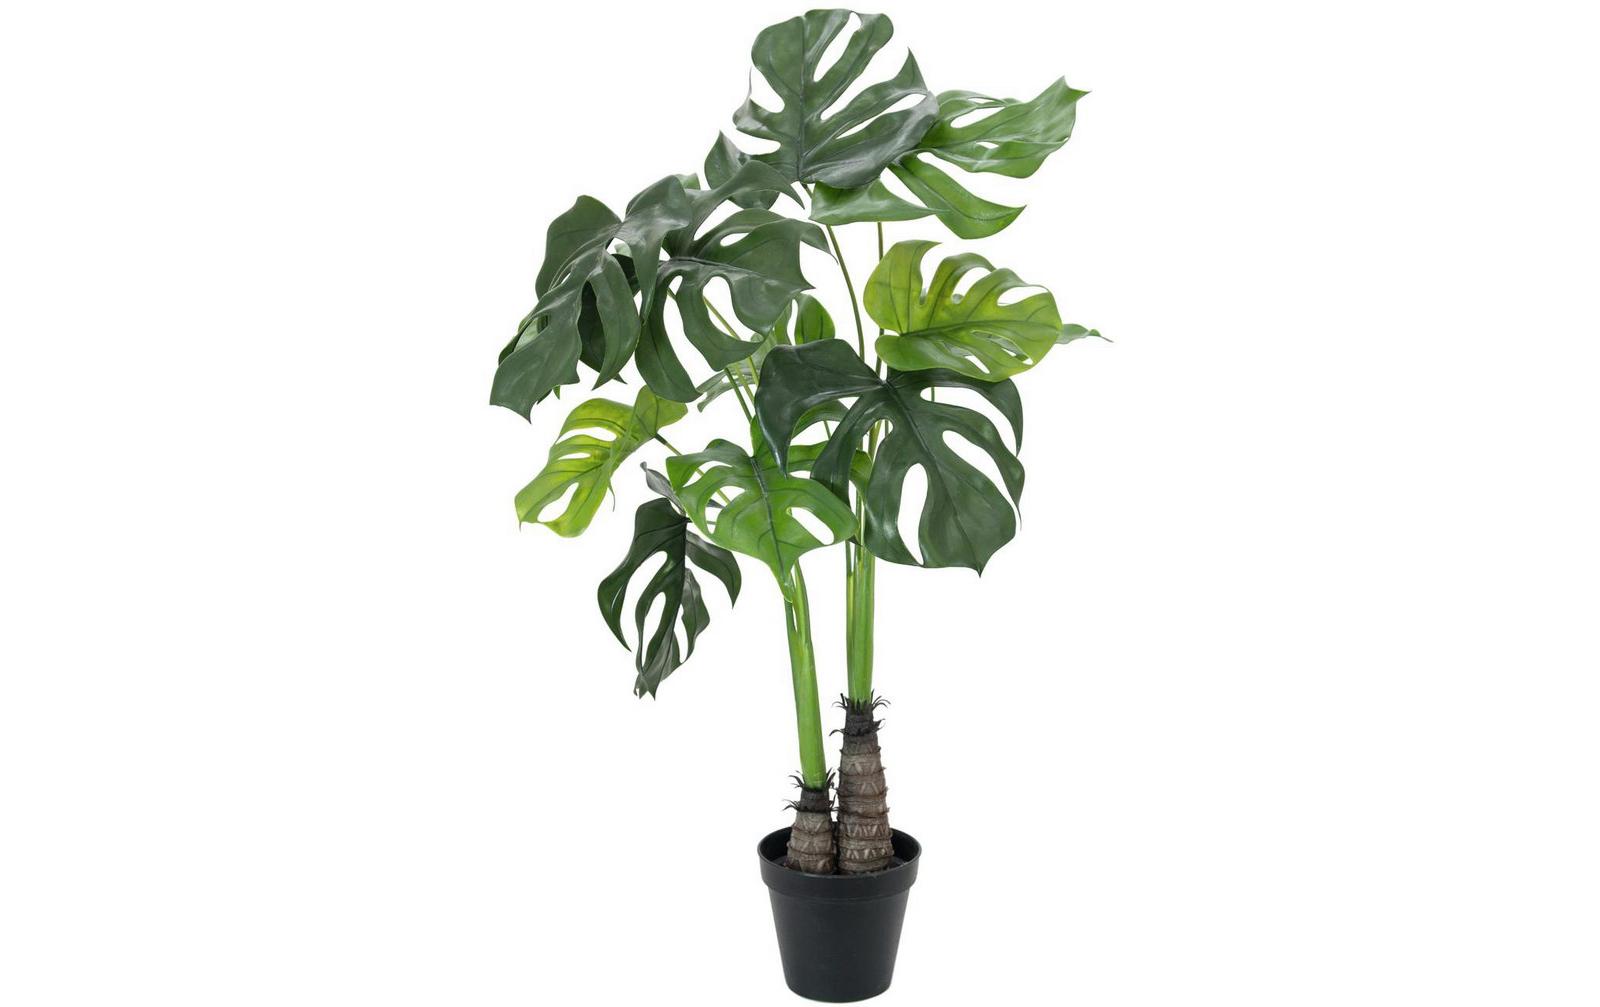 europalms-monstera-deliciosa-90cm-kunststoffpflanze